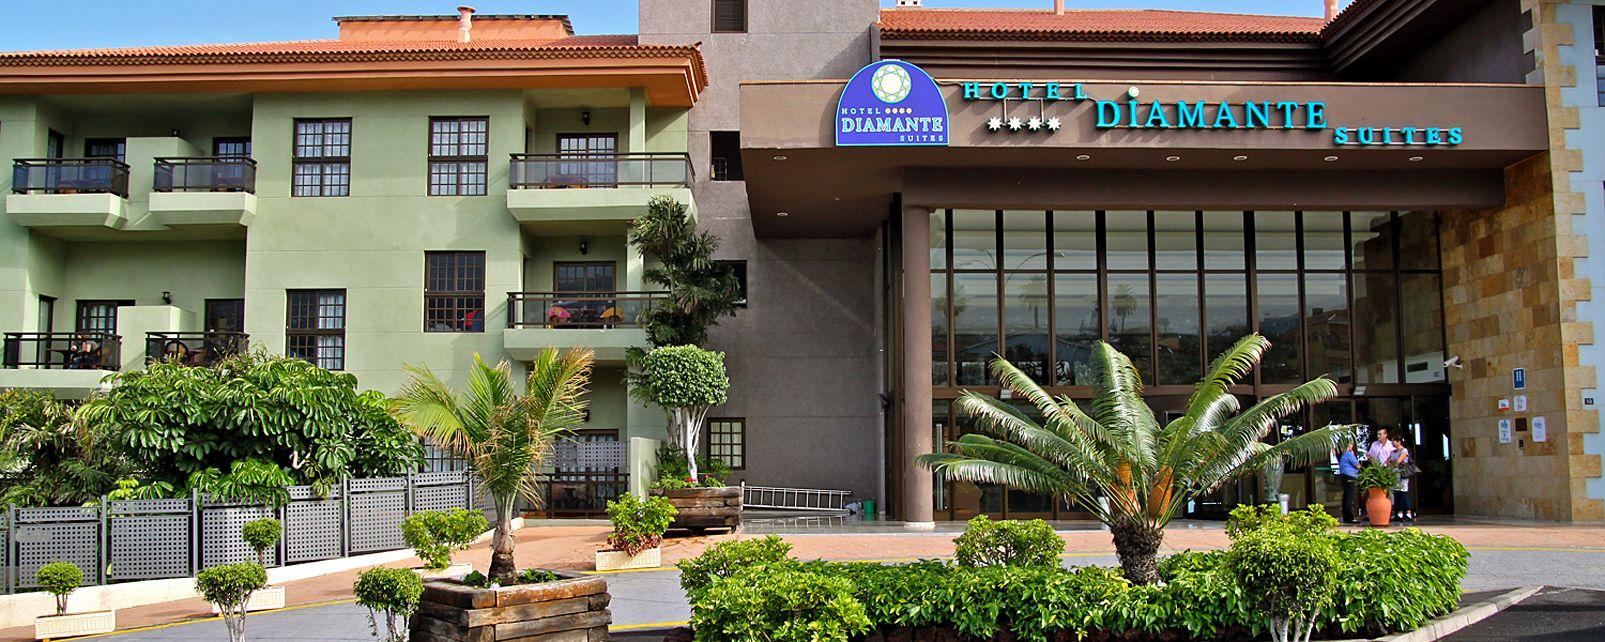 Oferta nochevieja en hotel diamante suites 4 el puerto de la cruz - Diamante suites puerto de la cruz tenerife ...